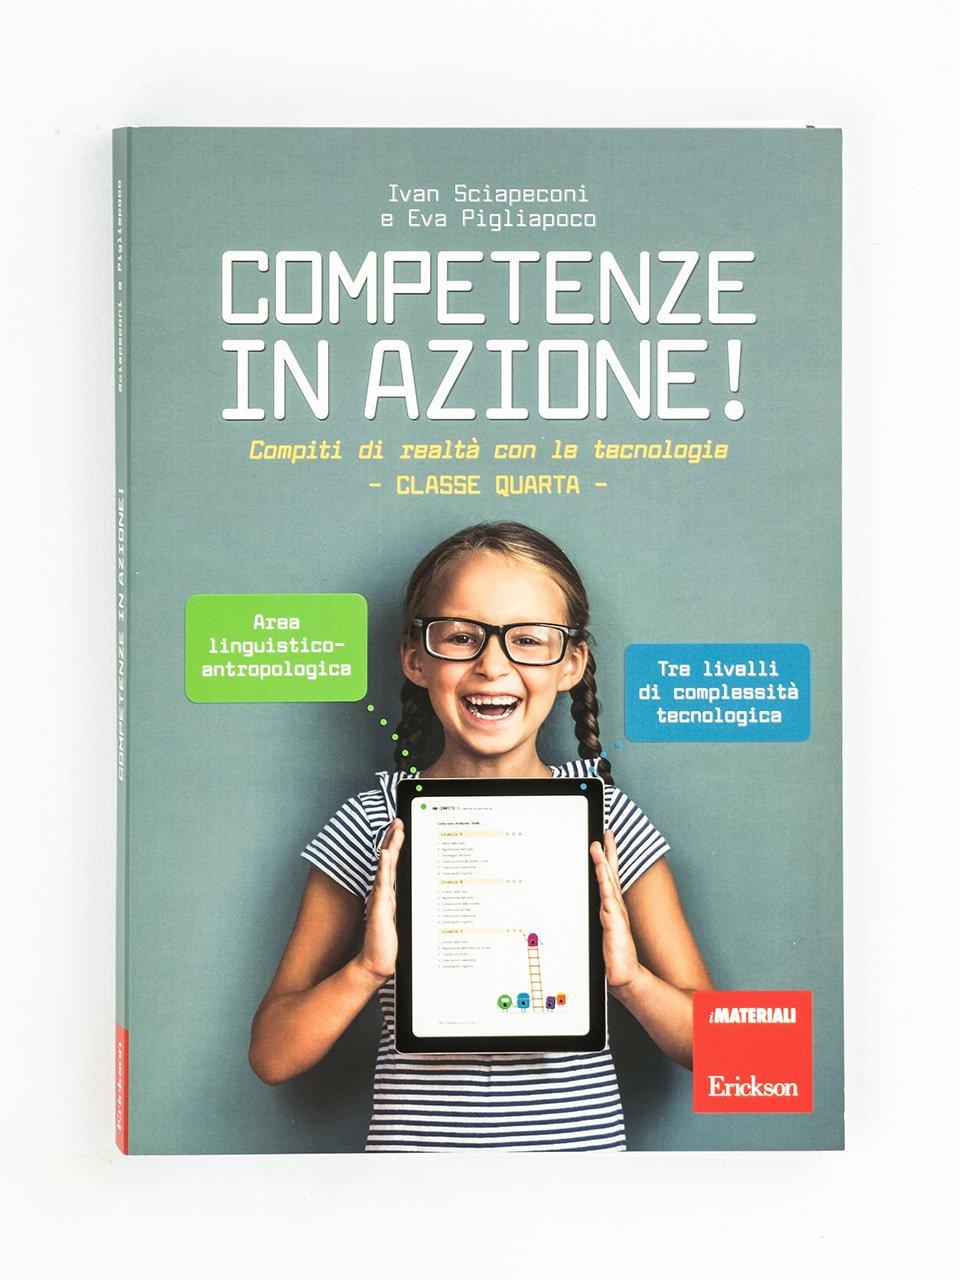 Competenze in azione! - Classe quarta - Area linguistico-antropologica - HELLO RUBY - Avventure nel mondo del coding - Libri - Erickson